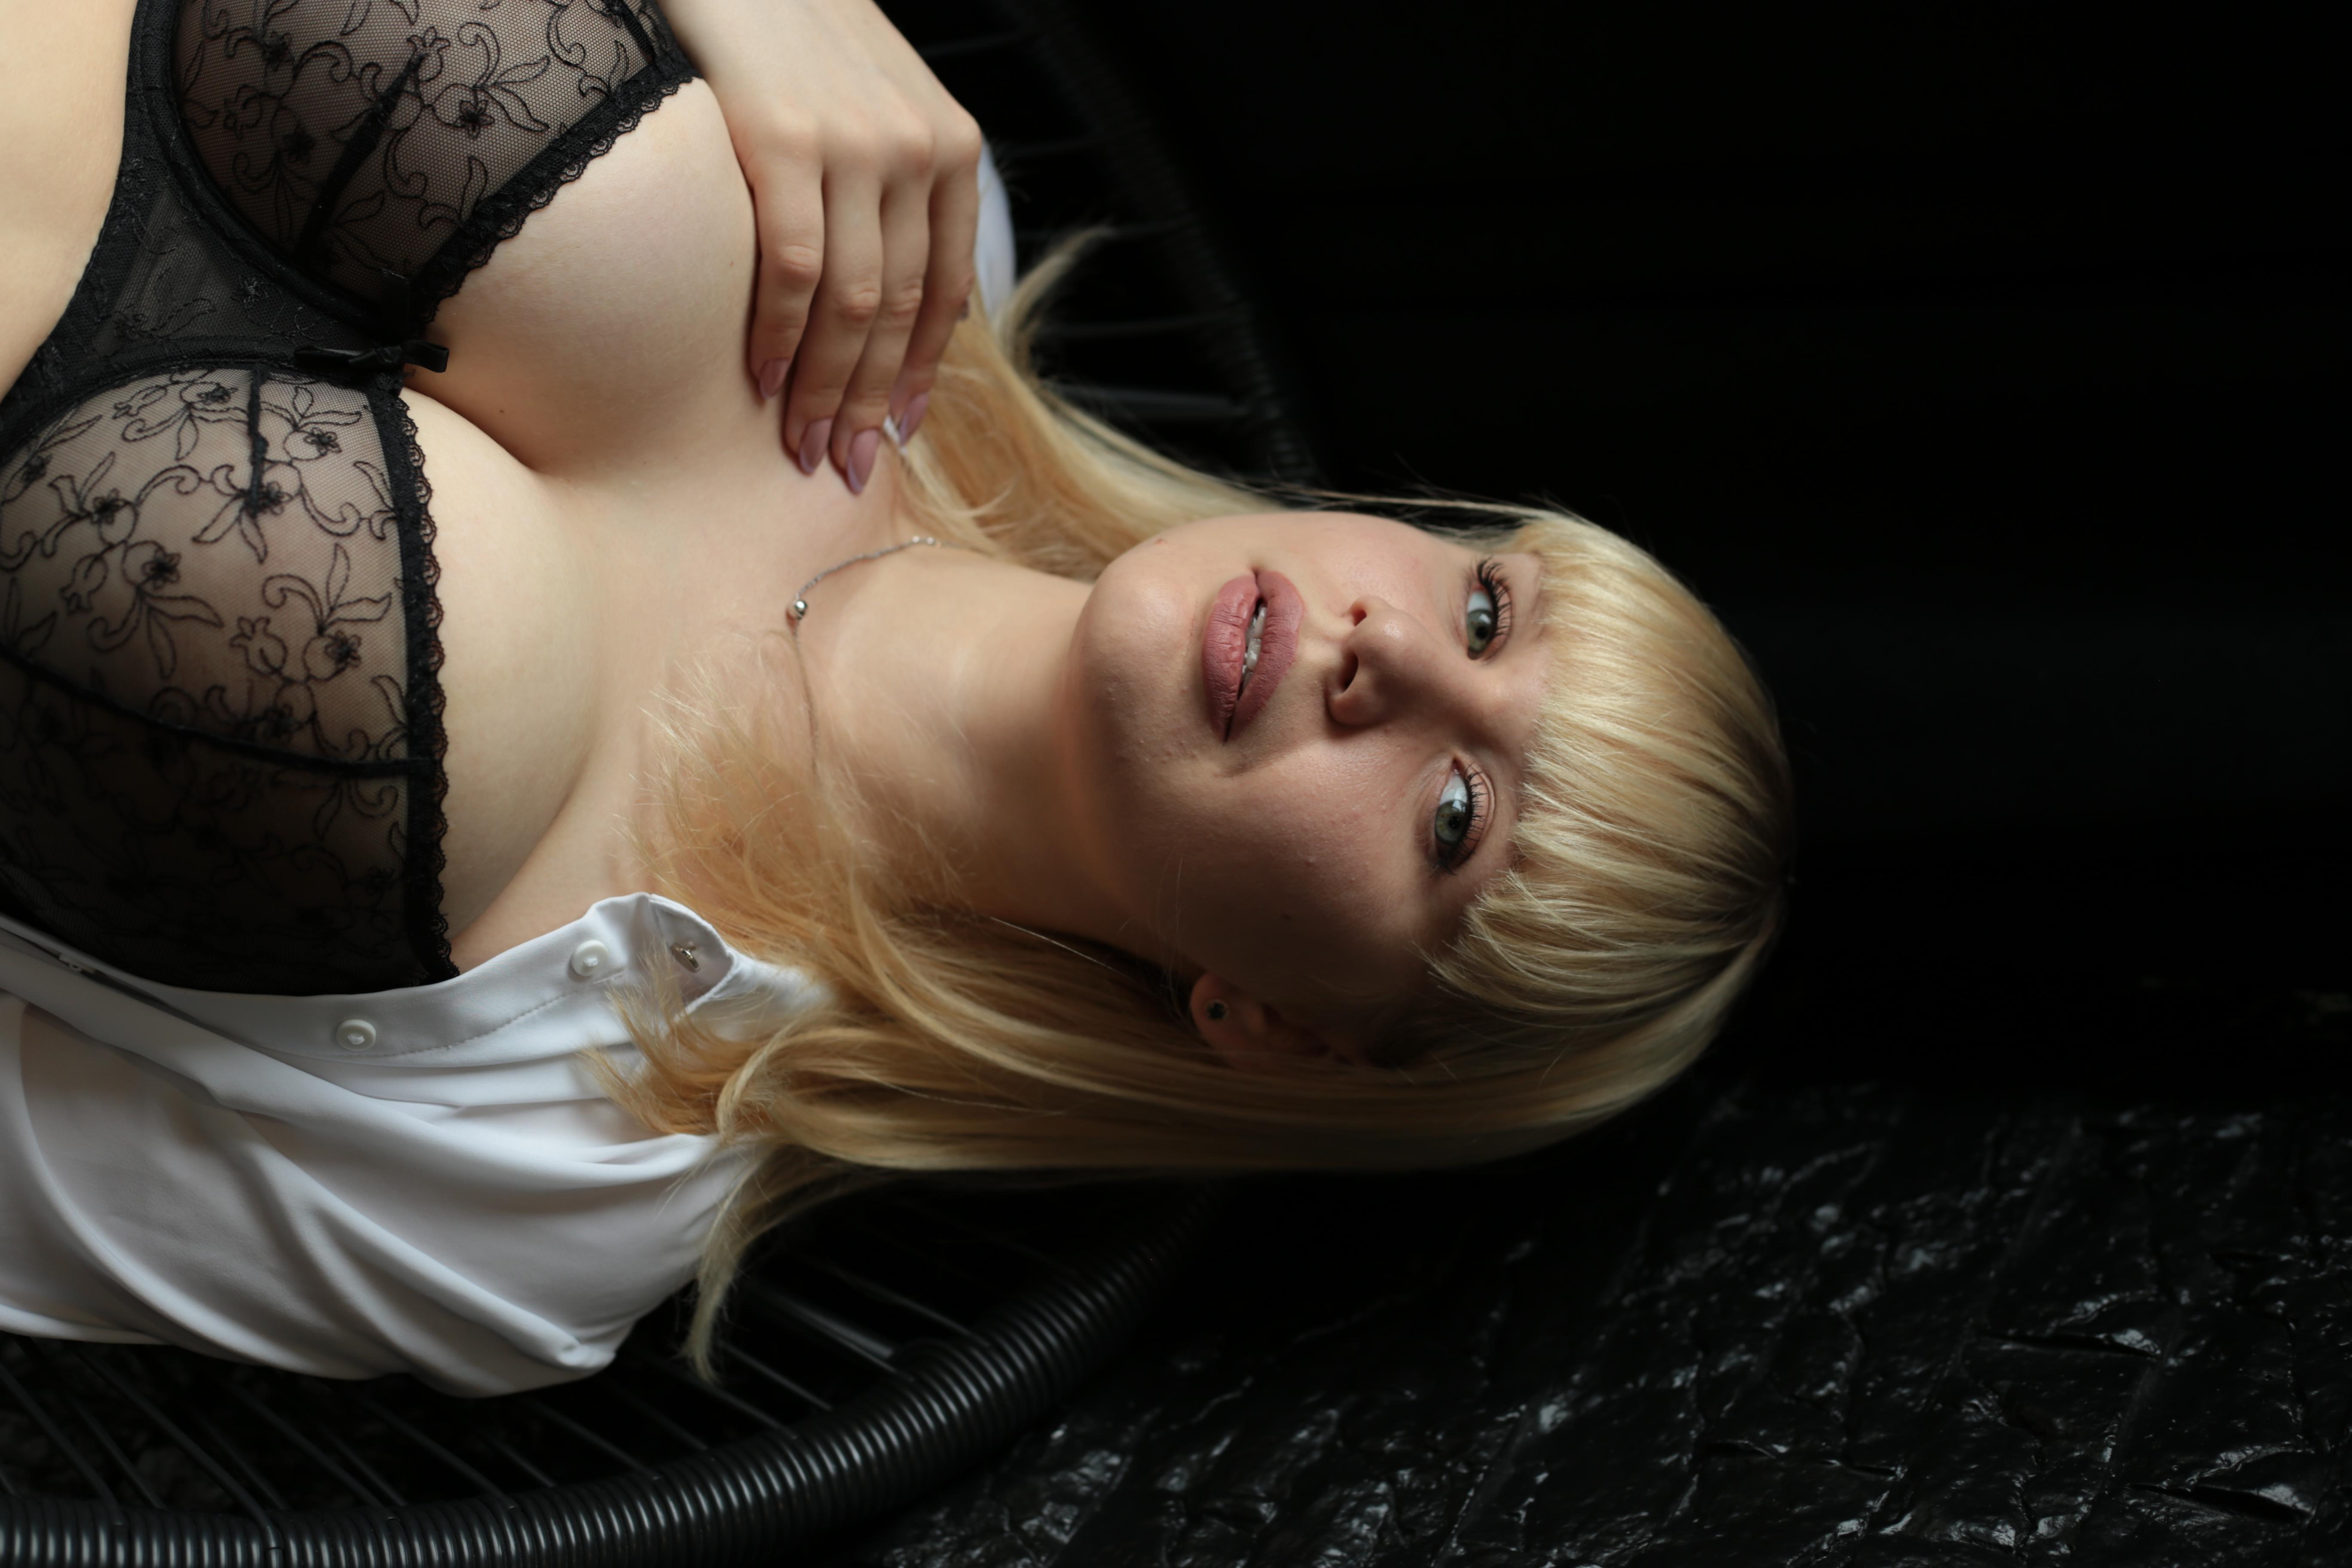 Sky blondex?s=nbu0bvj4wmsjoj9d76pp5s5+cu5y0ce2kdfr6m6z5jq=